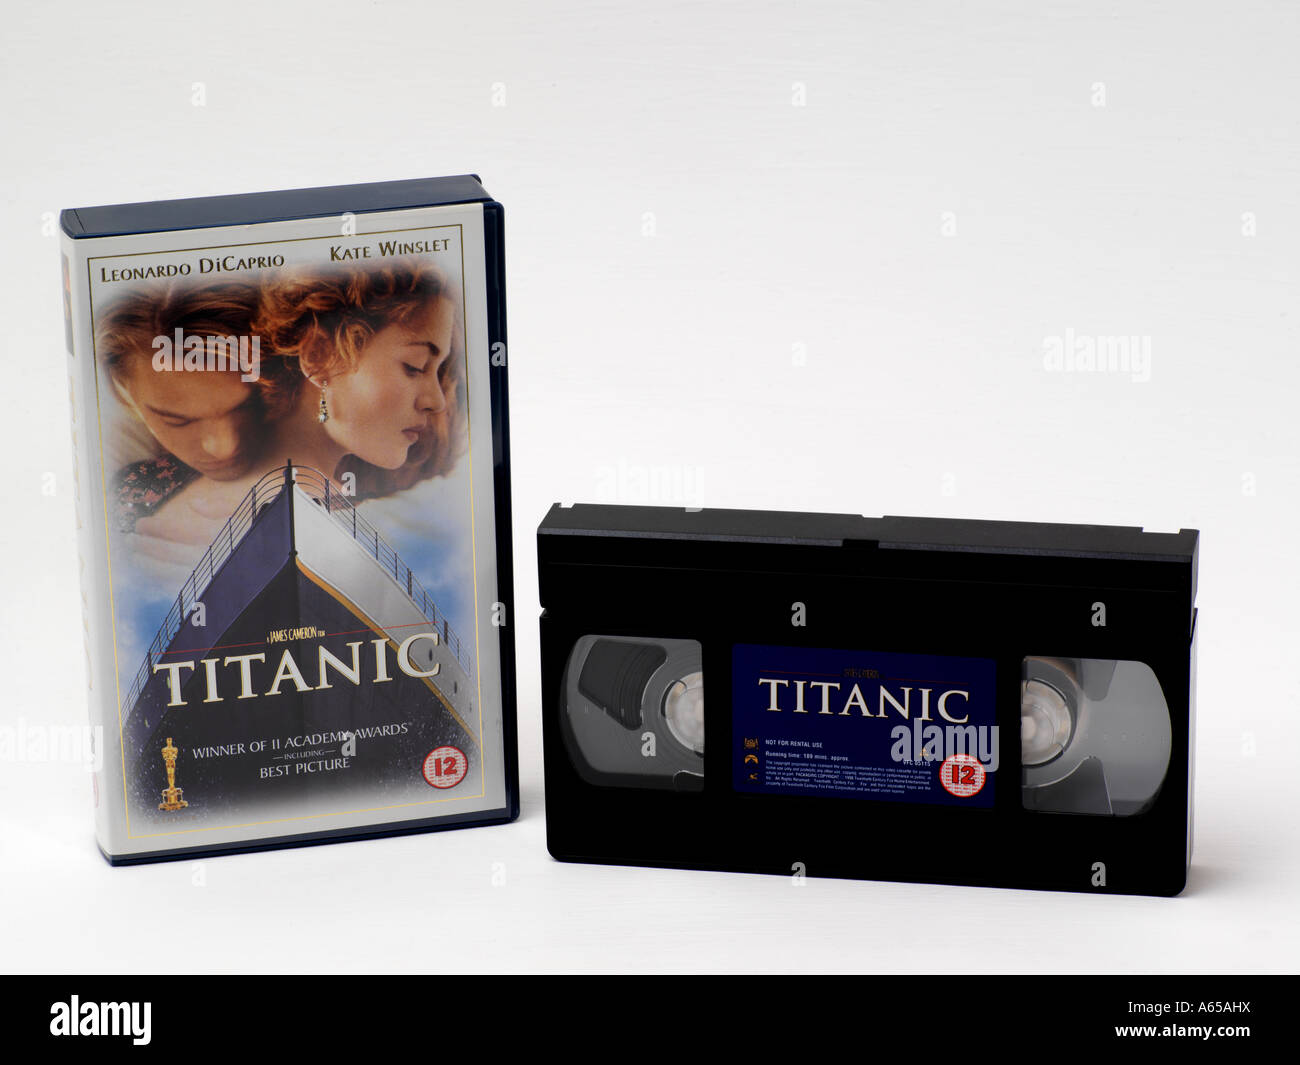 Titanic - Video Cassette e Box Immagini Stock